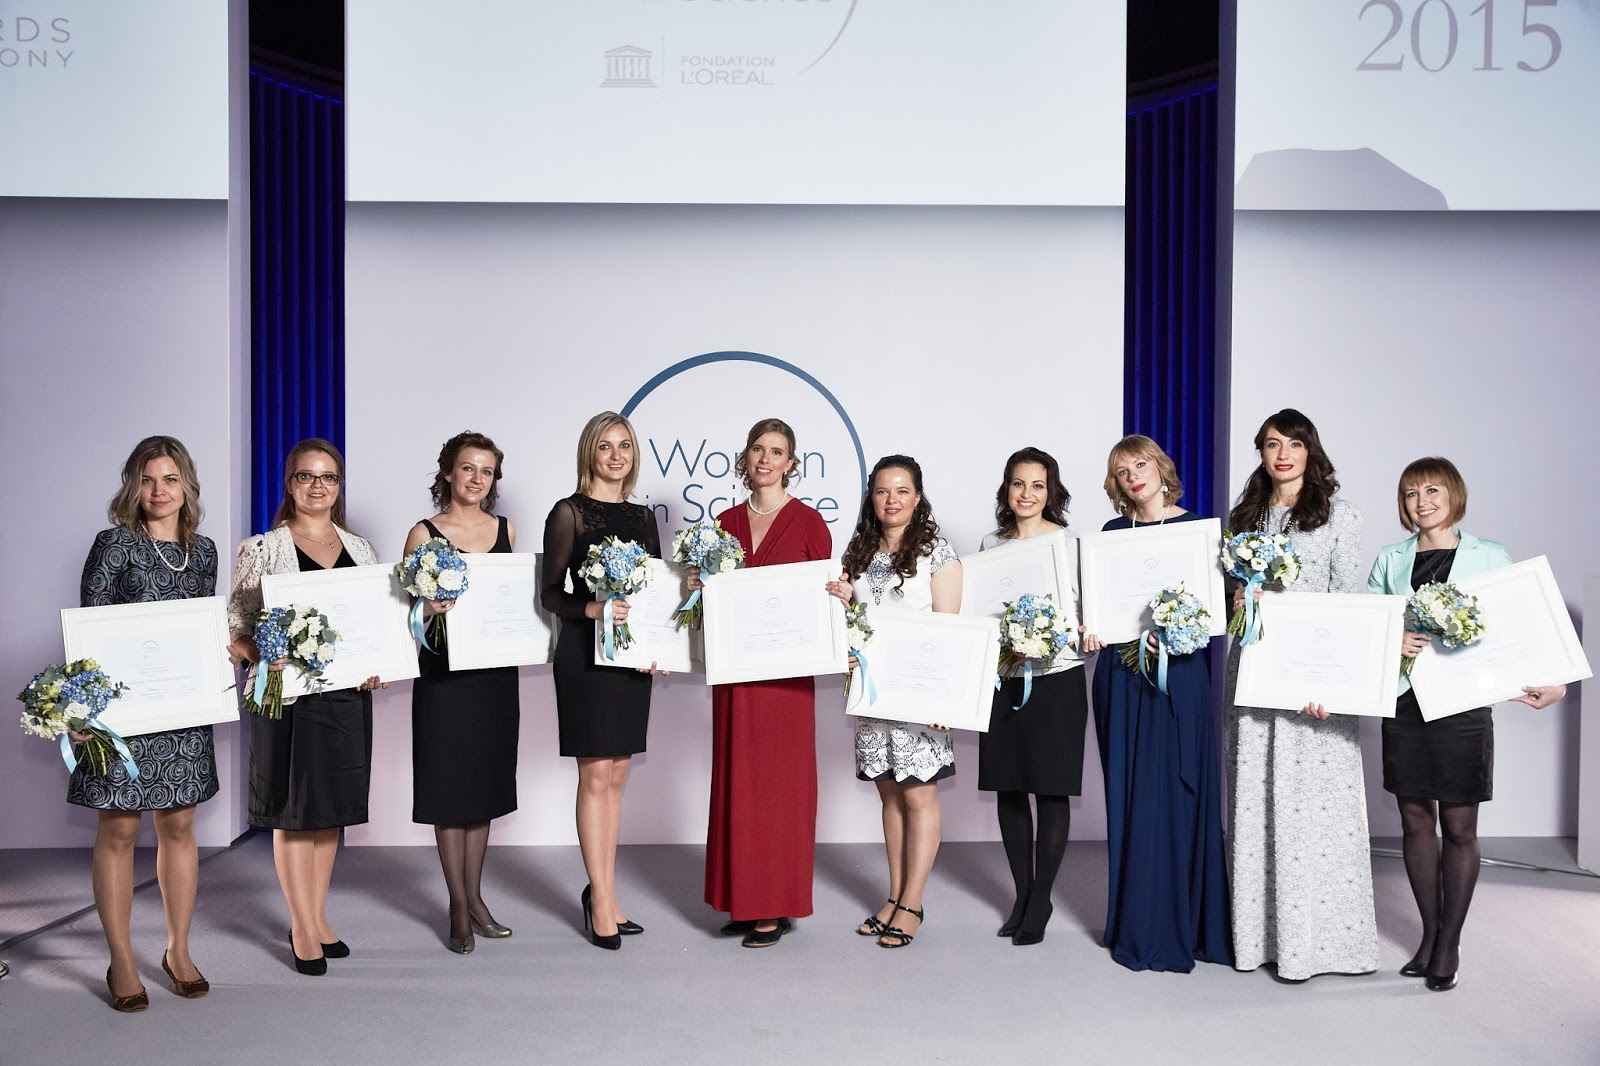 Конкурсы для женщин в науке